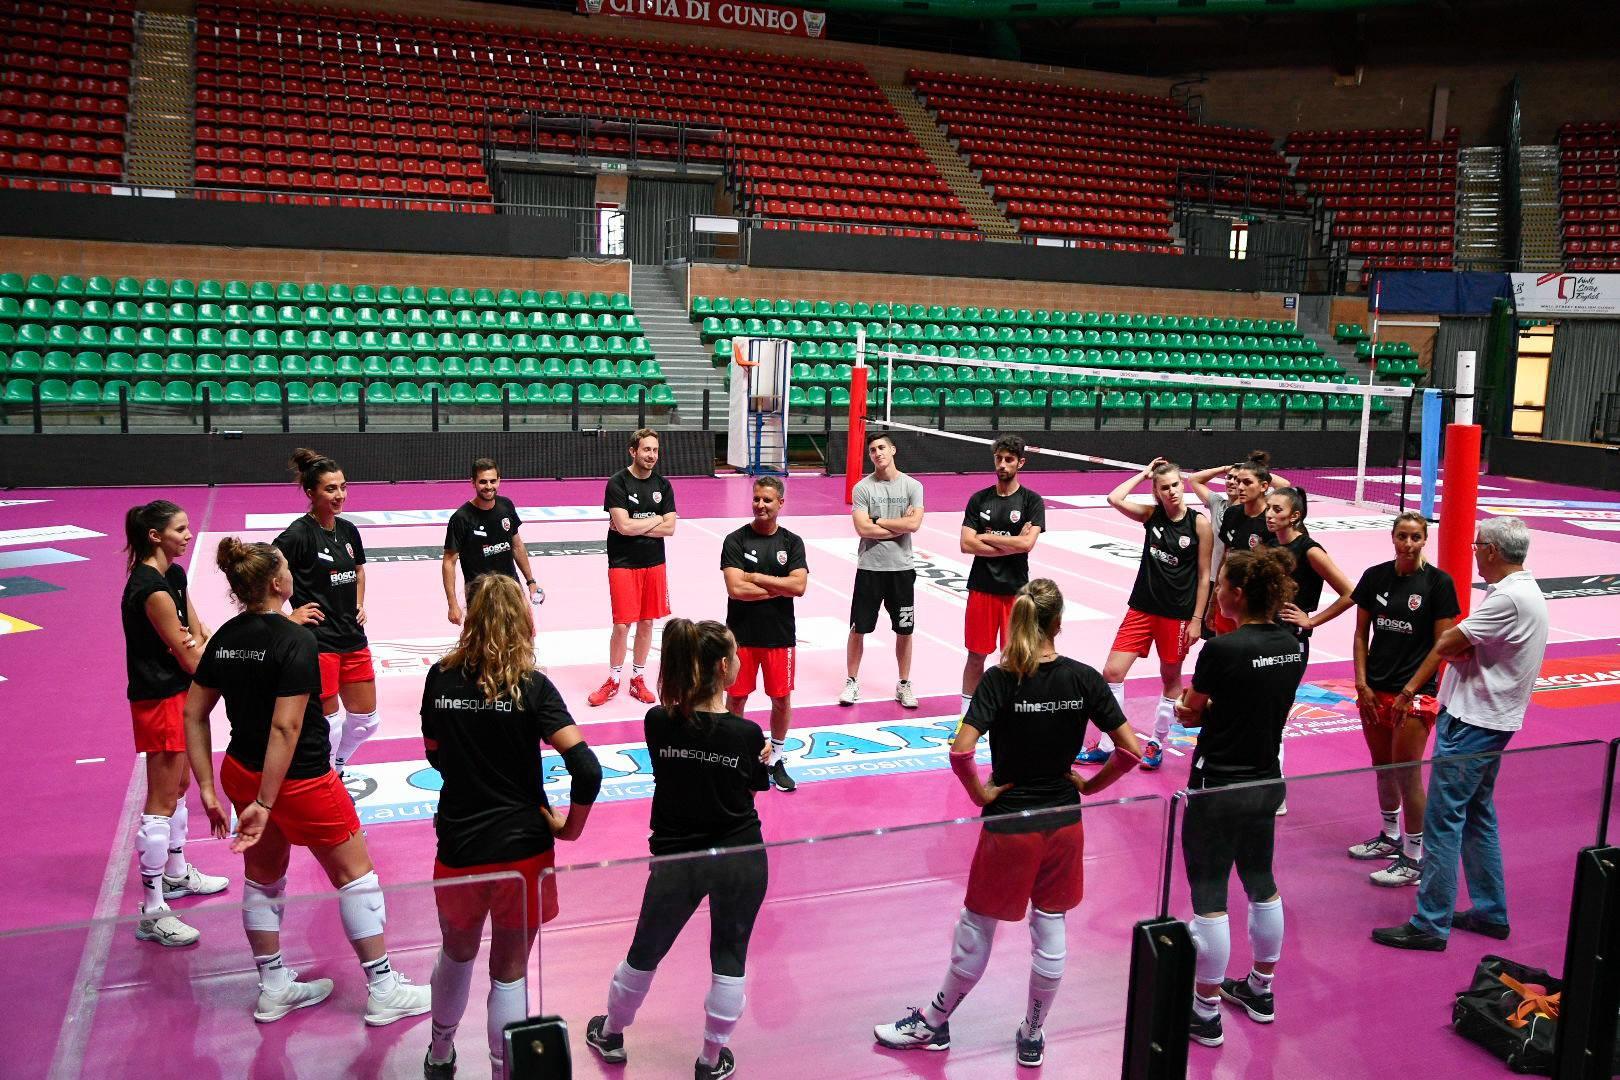 La squadra ascolta il coach, Andrea Pistola.